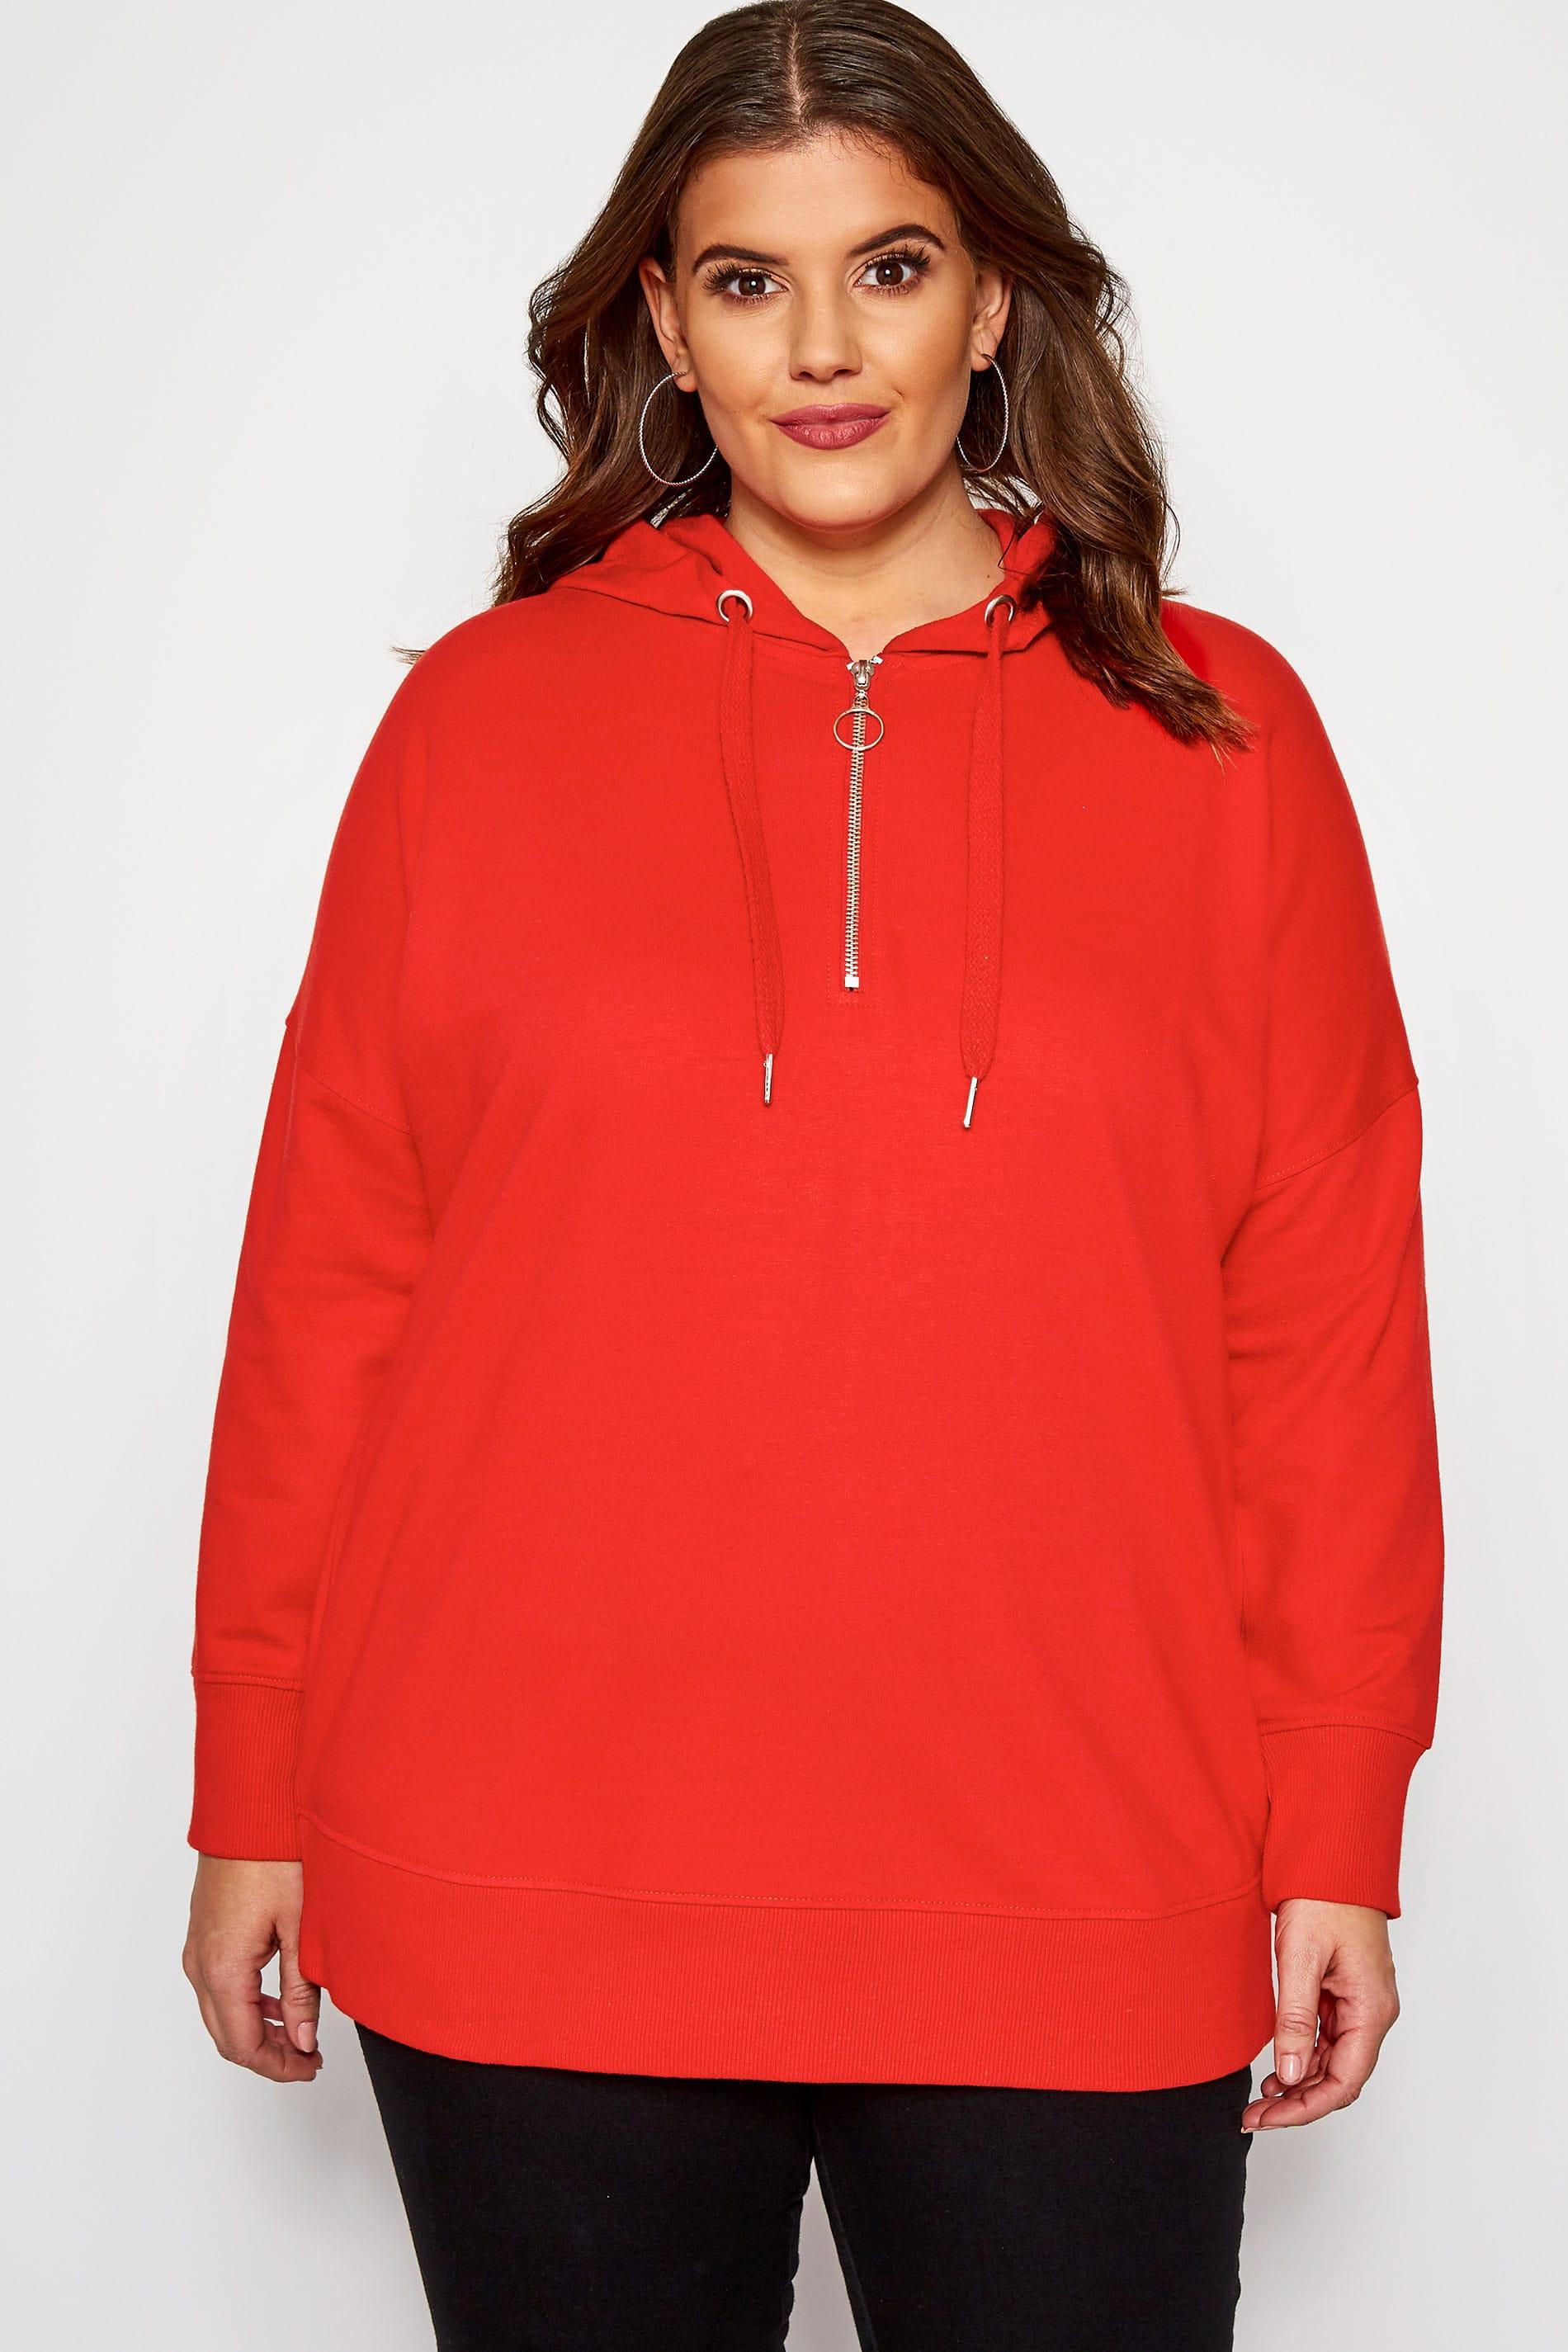 Sudadera roja con capucha